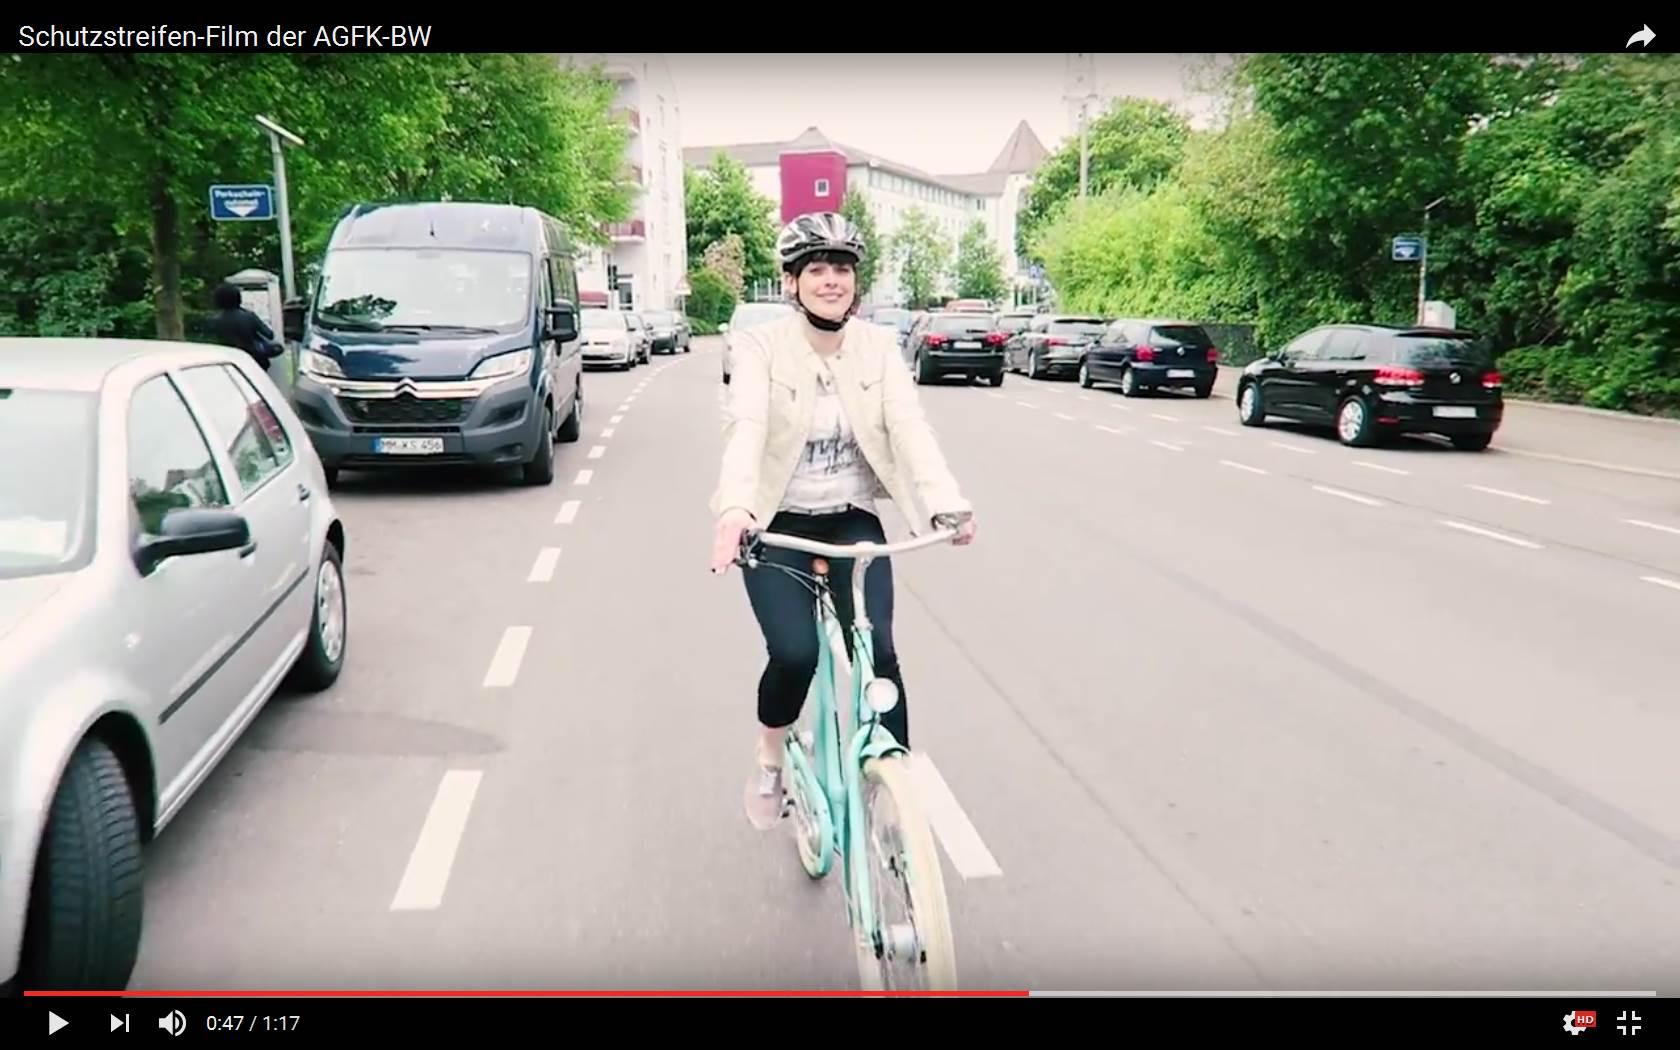 AGFK-Schutzstreifen-Film